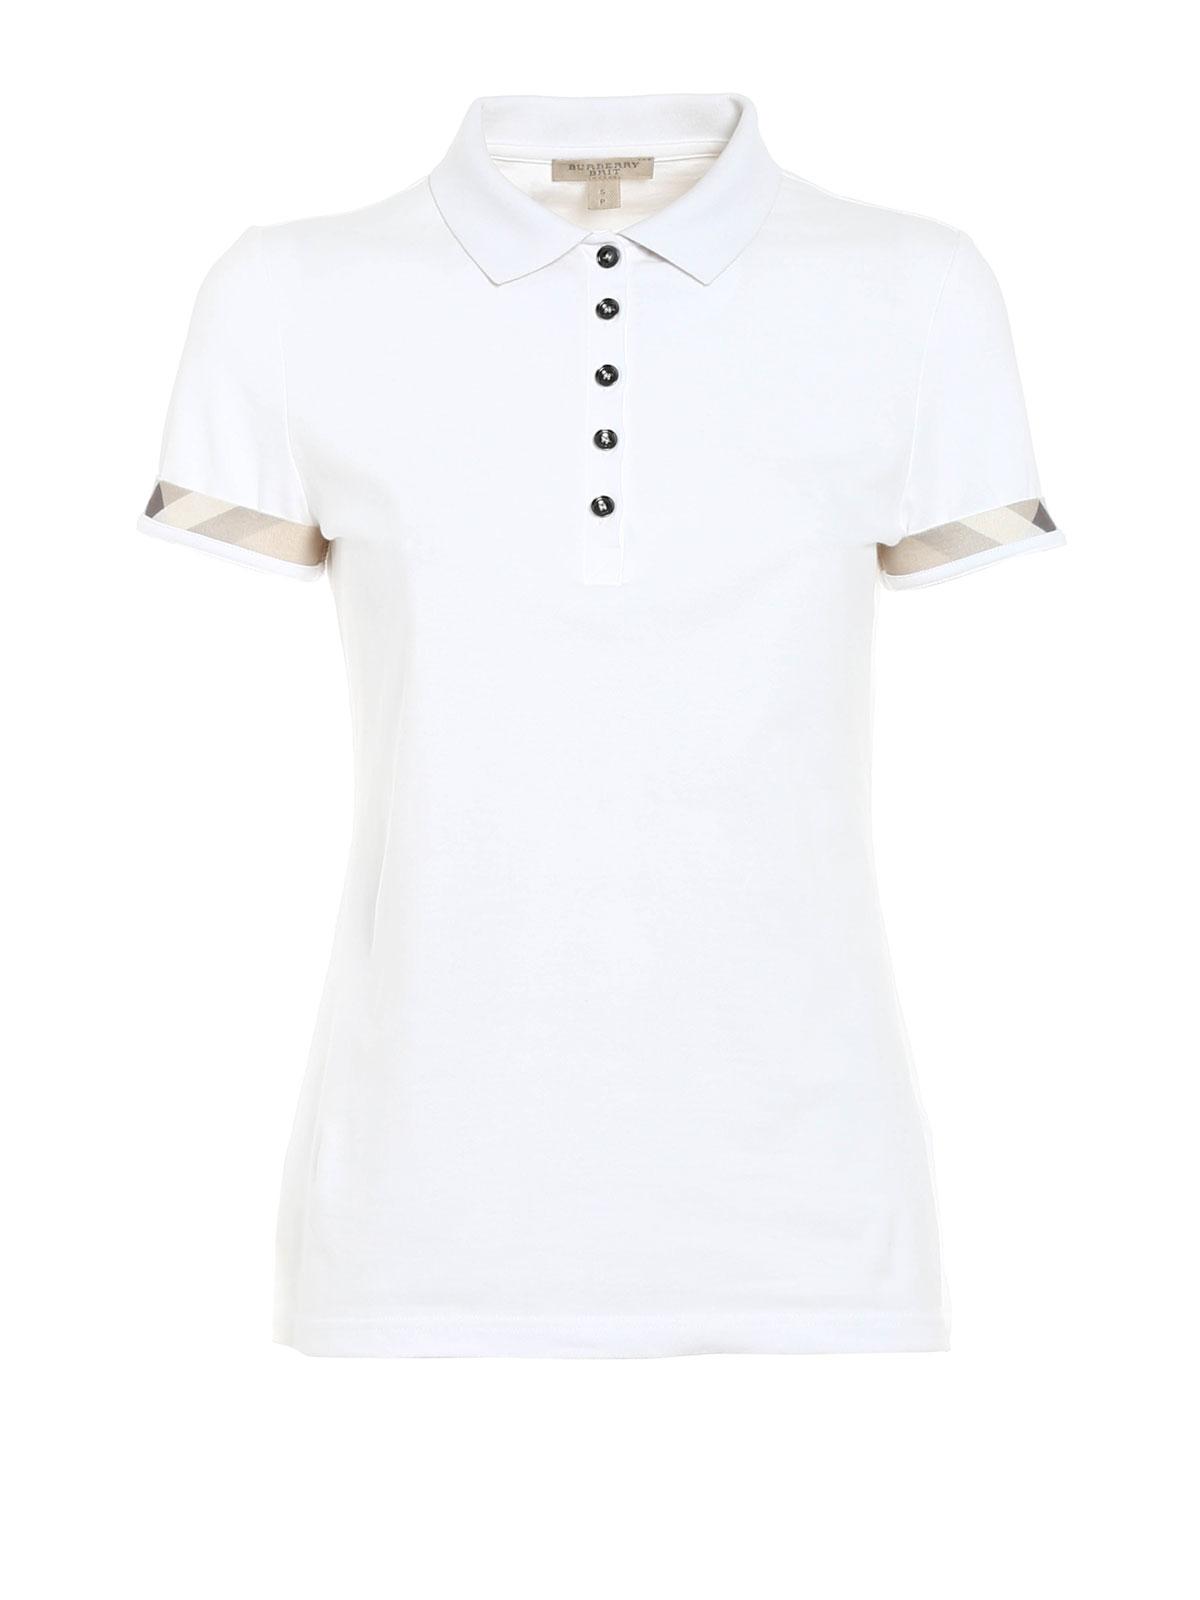 Burberry Brit - Pique classic polo - polo shirts - 4001660   iKRIX.com 7b9e857ef72